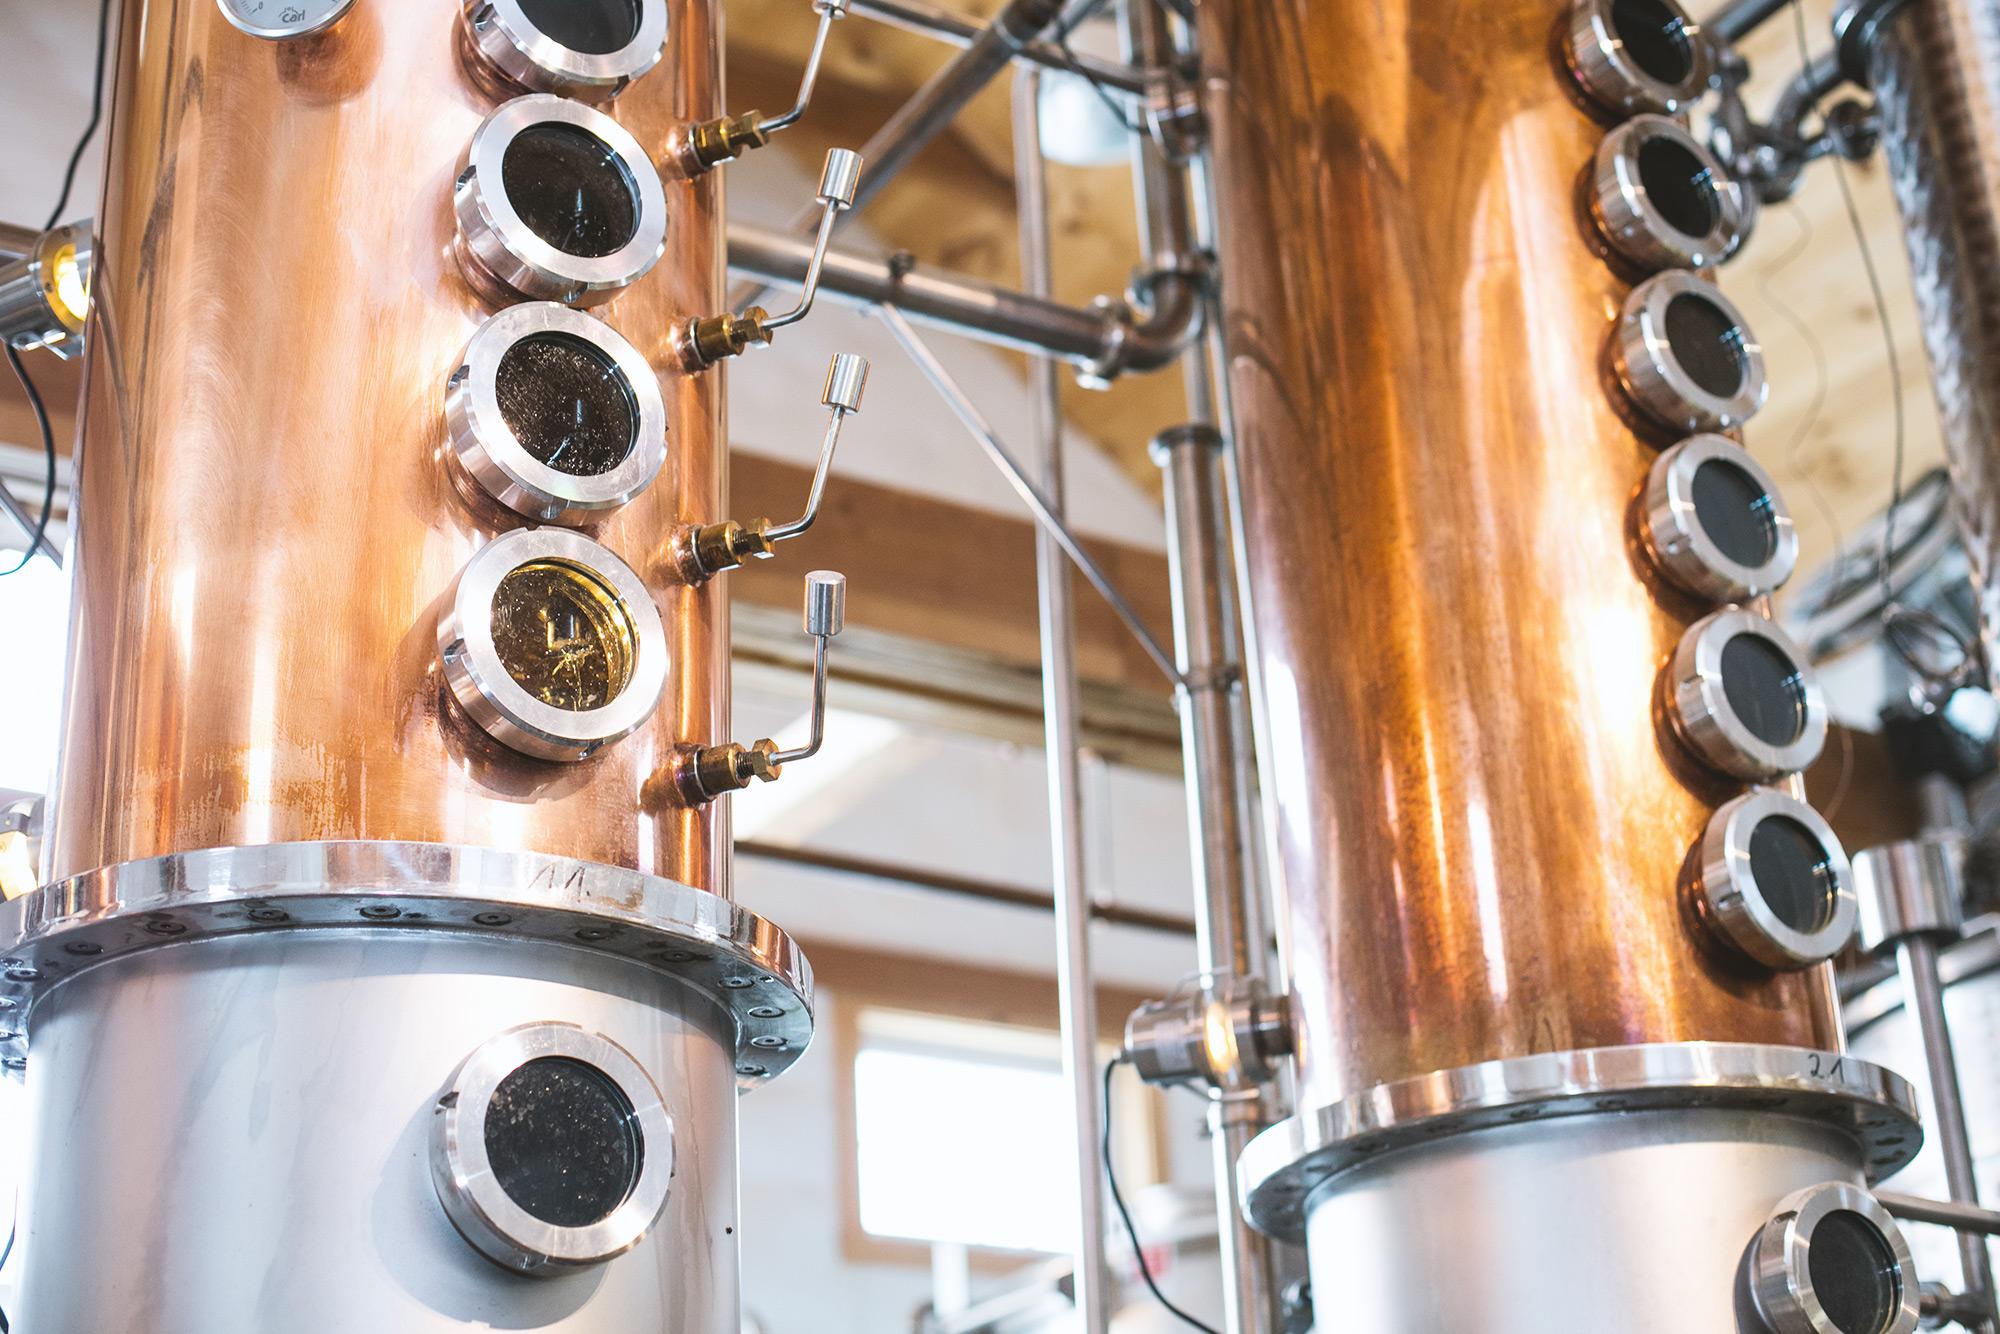 SiloDistillery_Distillery_Still-02.jpg